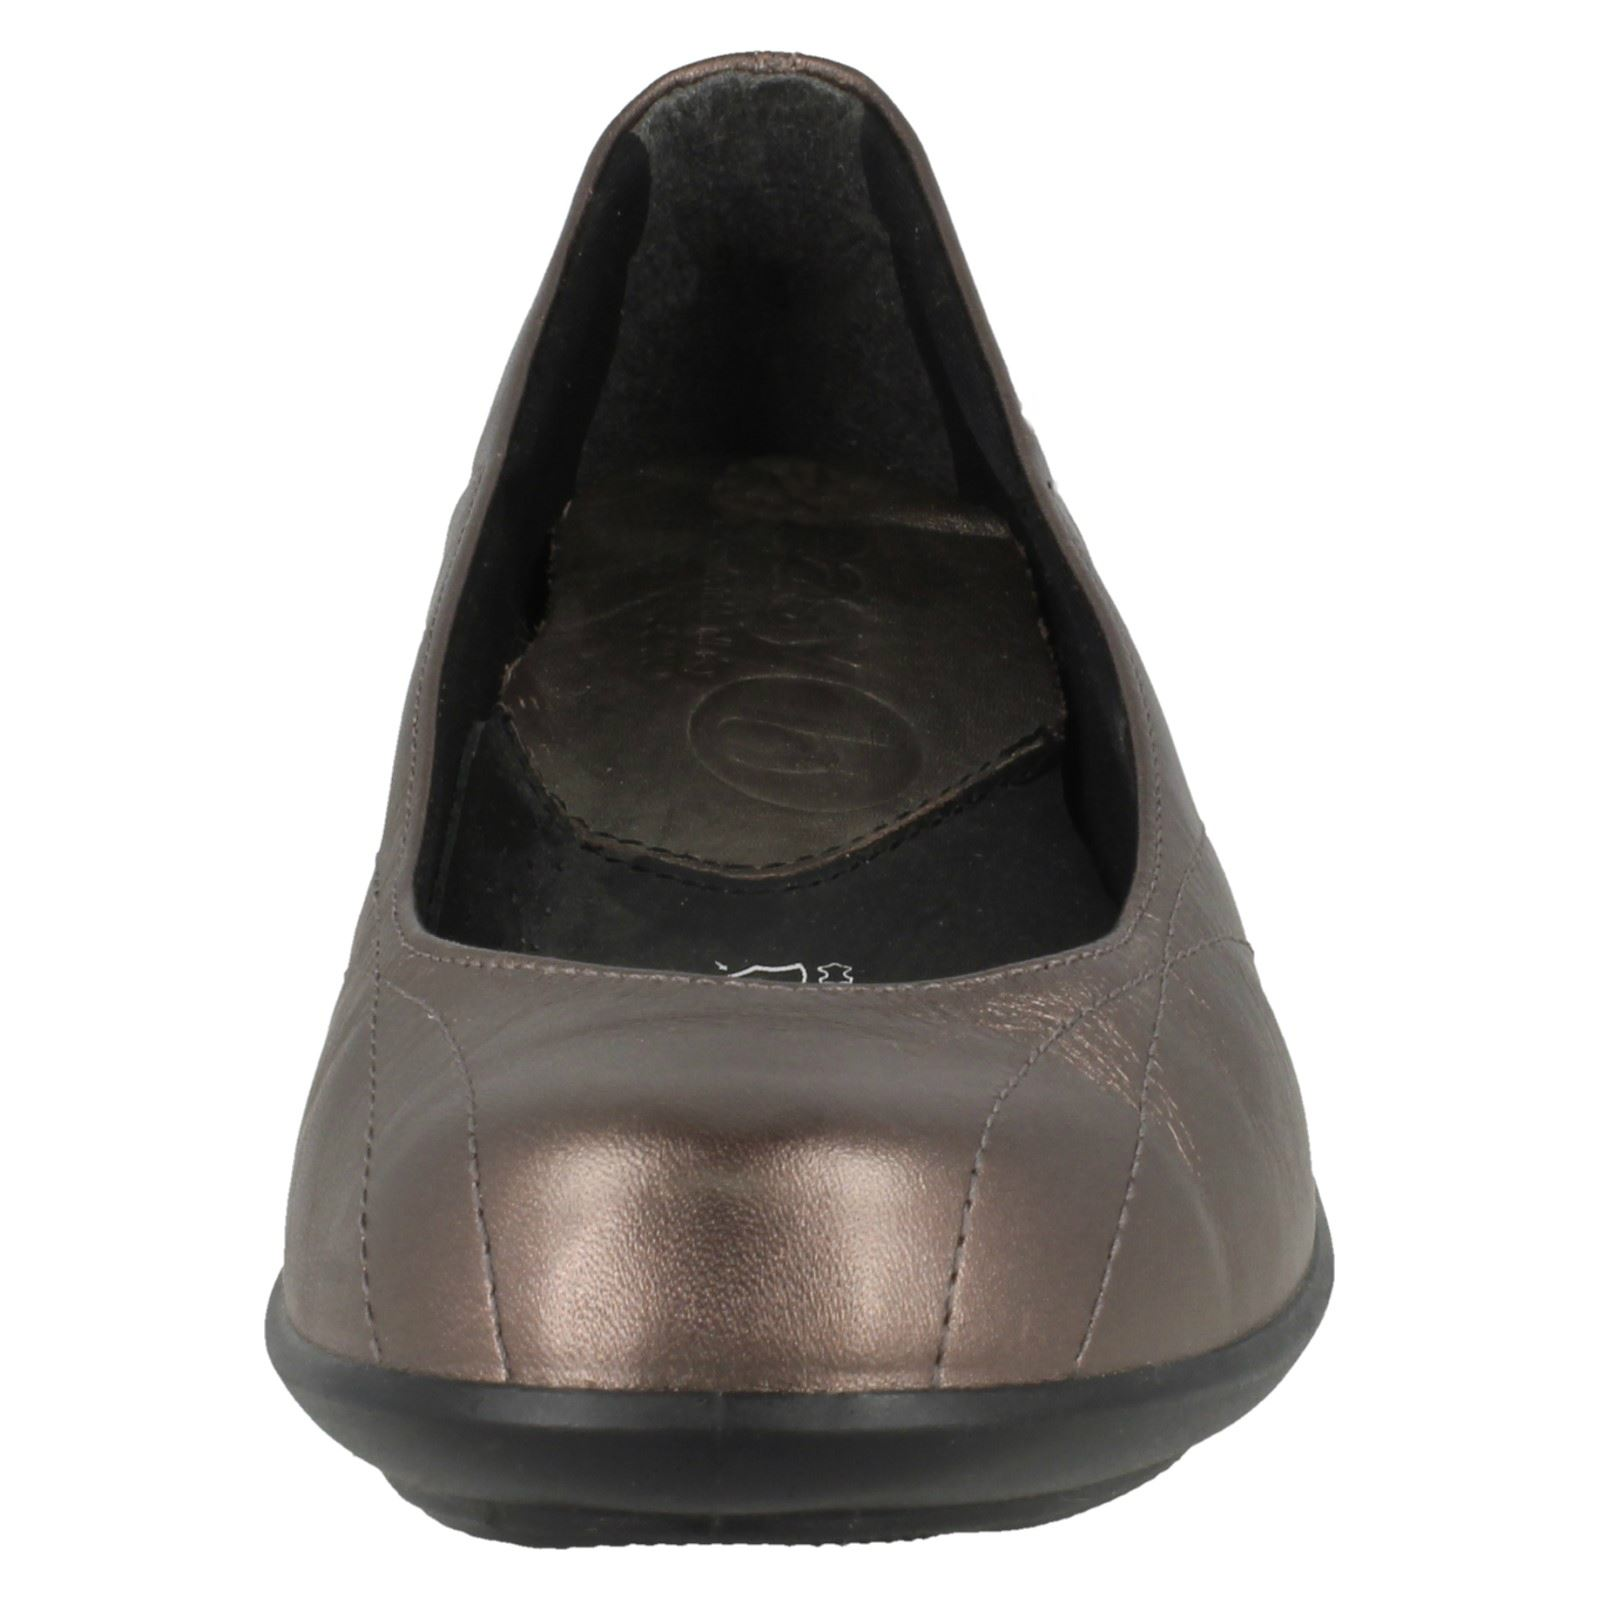 Easy e B ampia vestibilità e Easy Tacco Piatto Scarpe Honiton 9f1f24